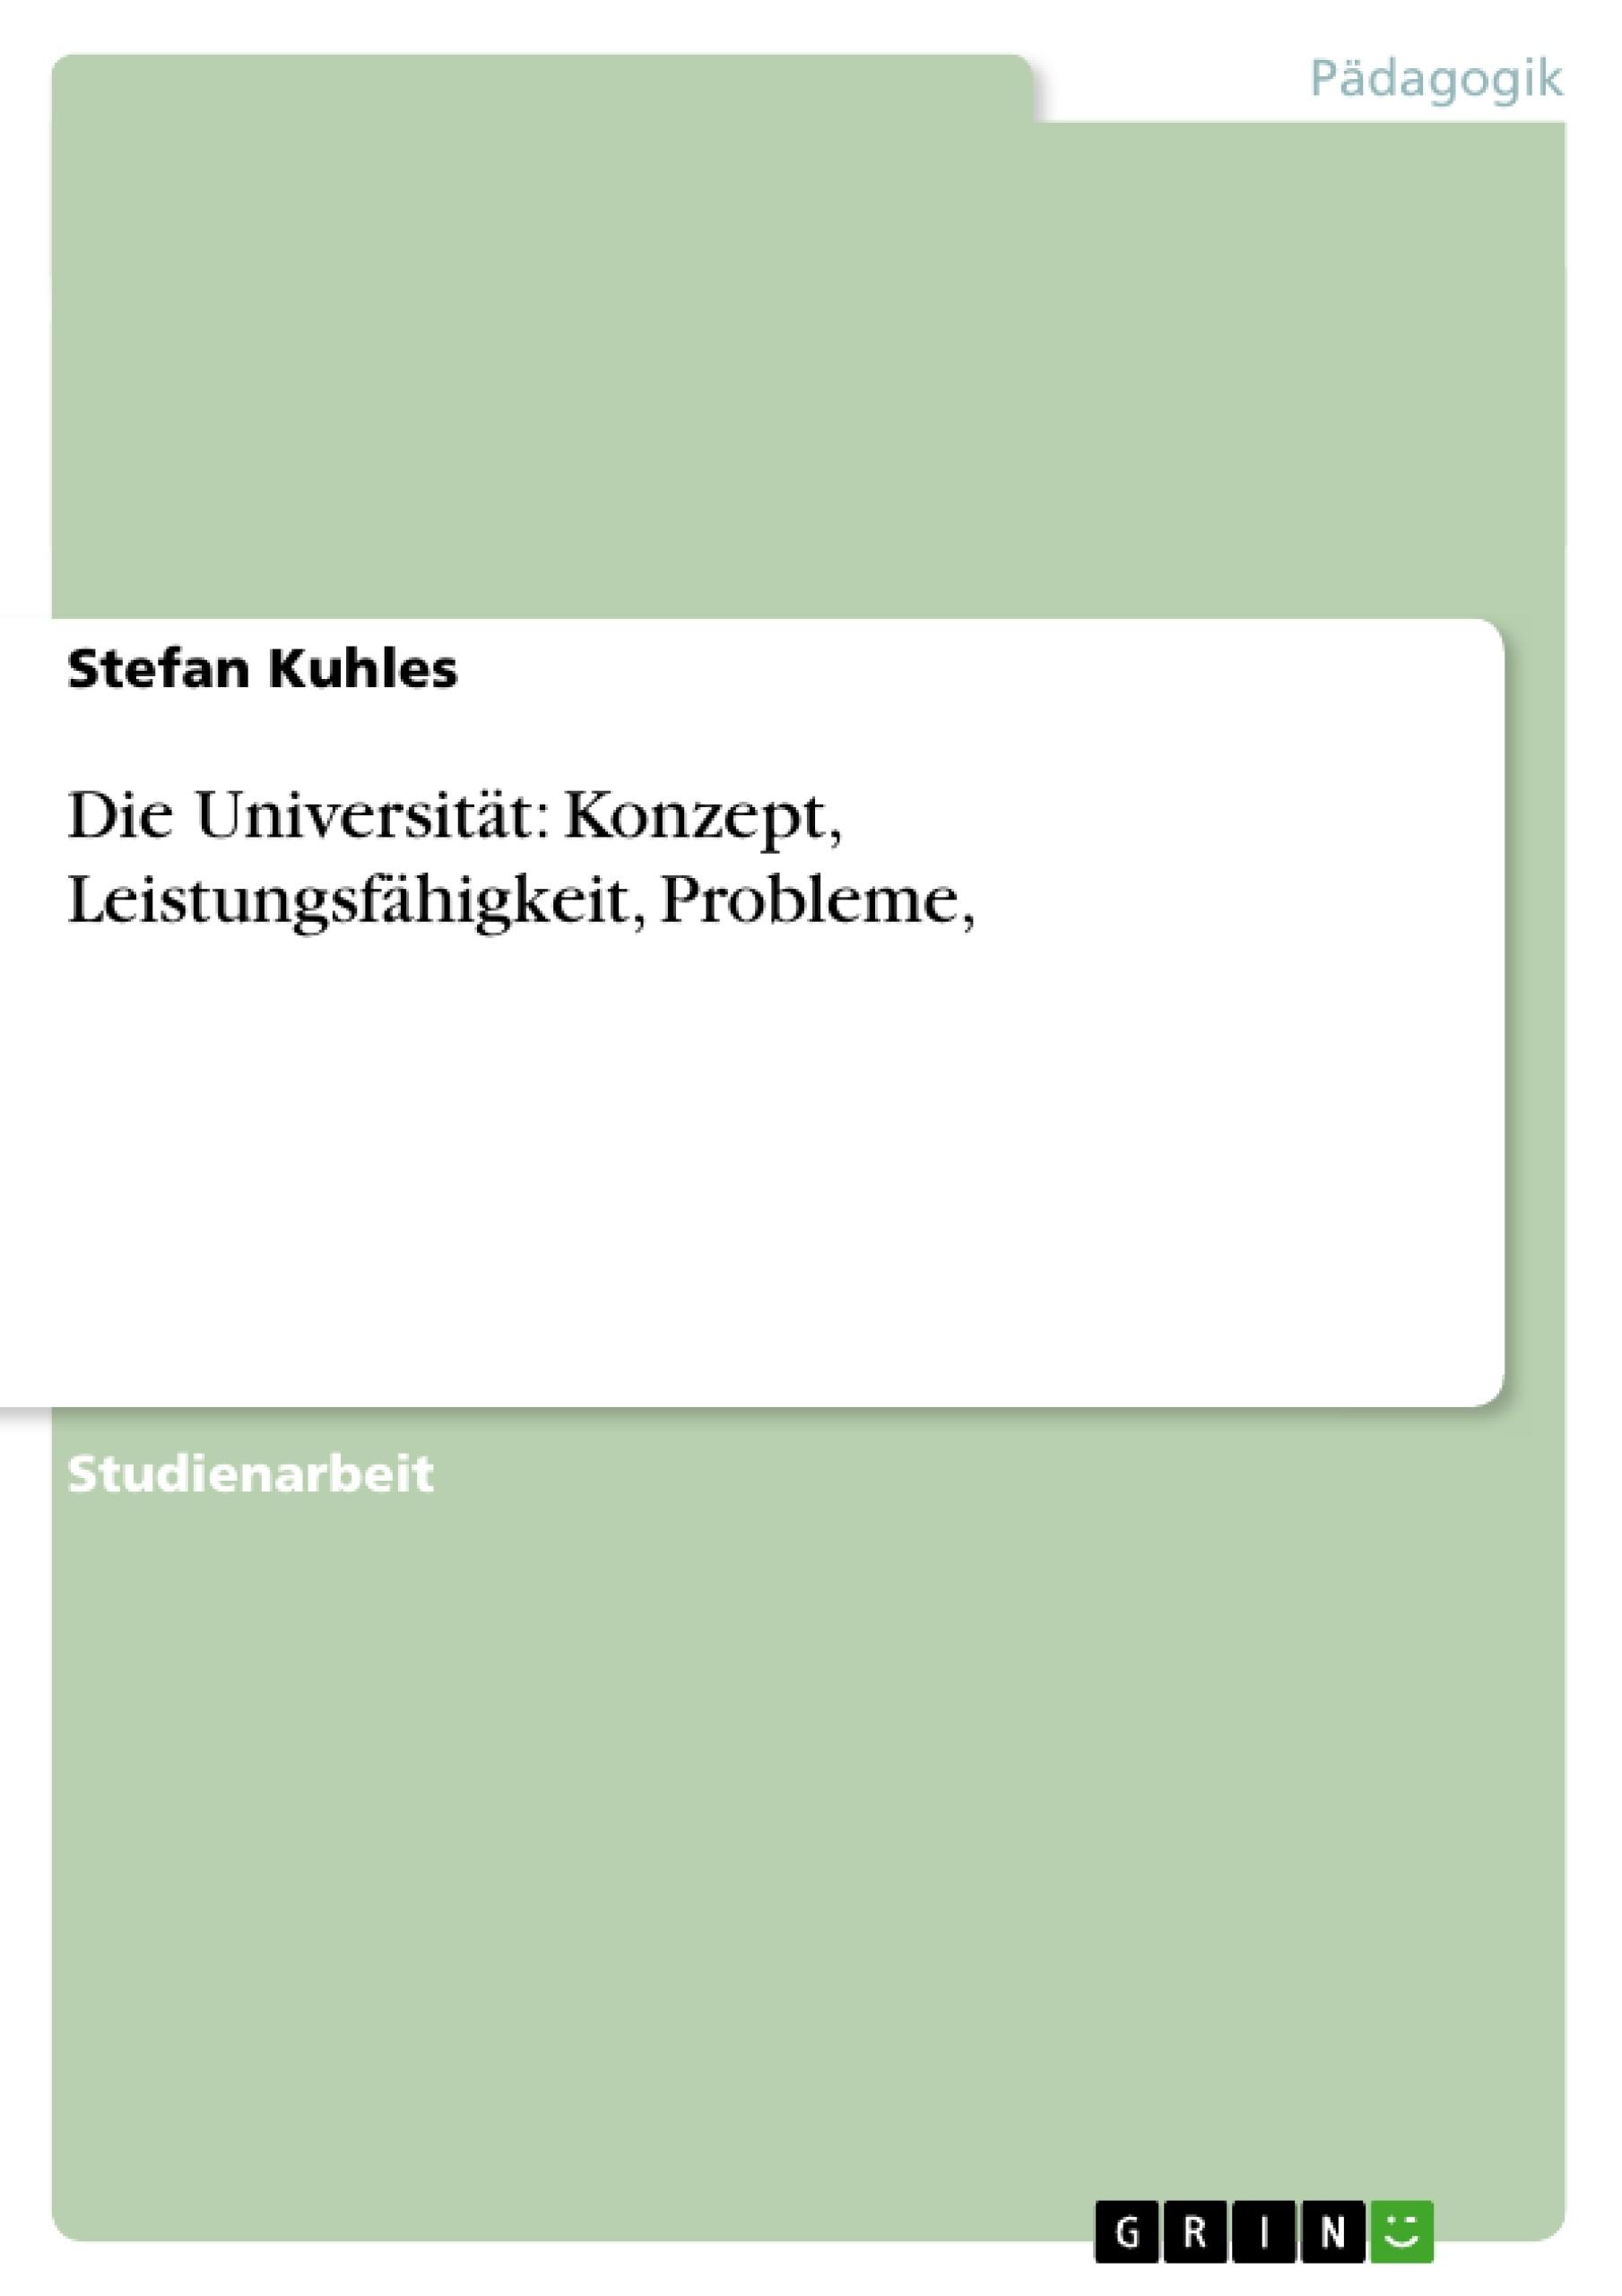 Titel: Die Universität: Konzept, Leistungsfähigkeit, Probleme,